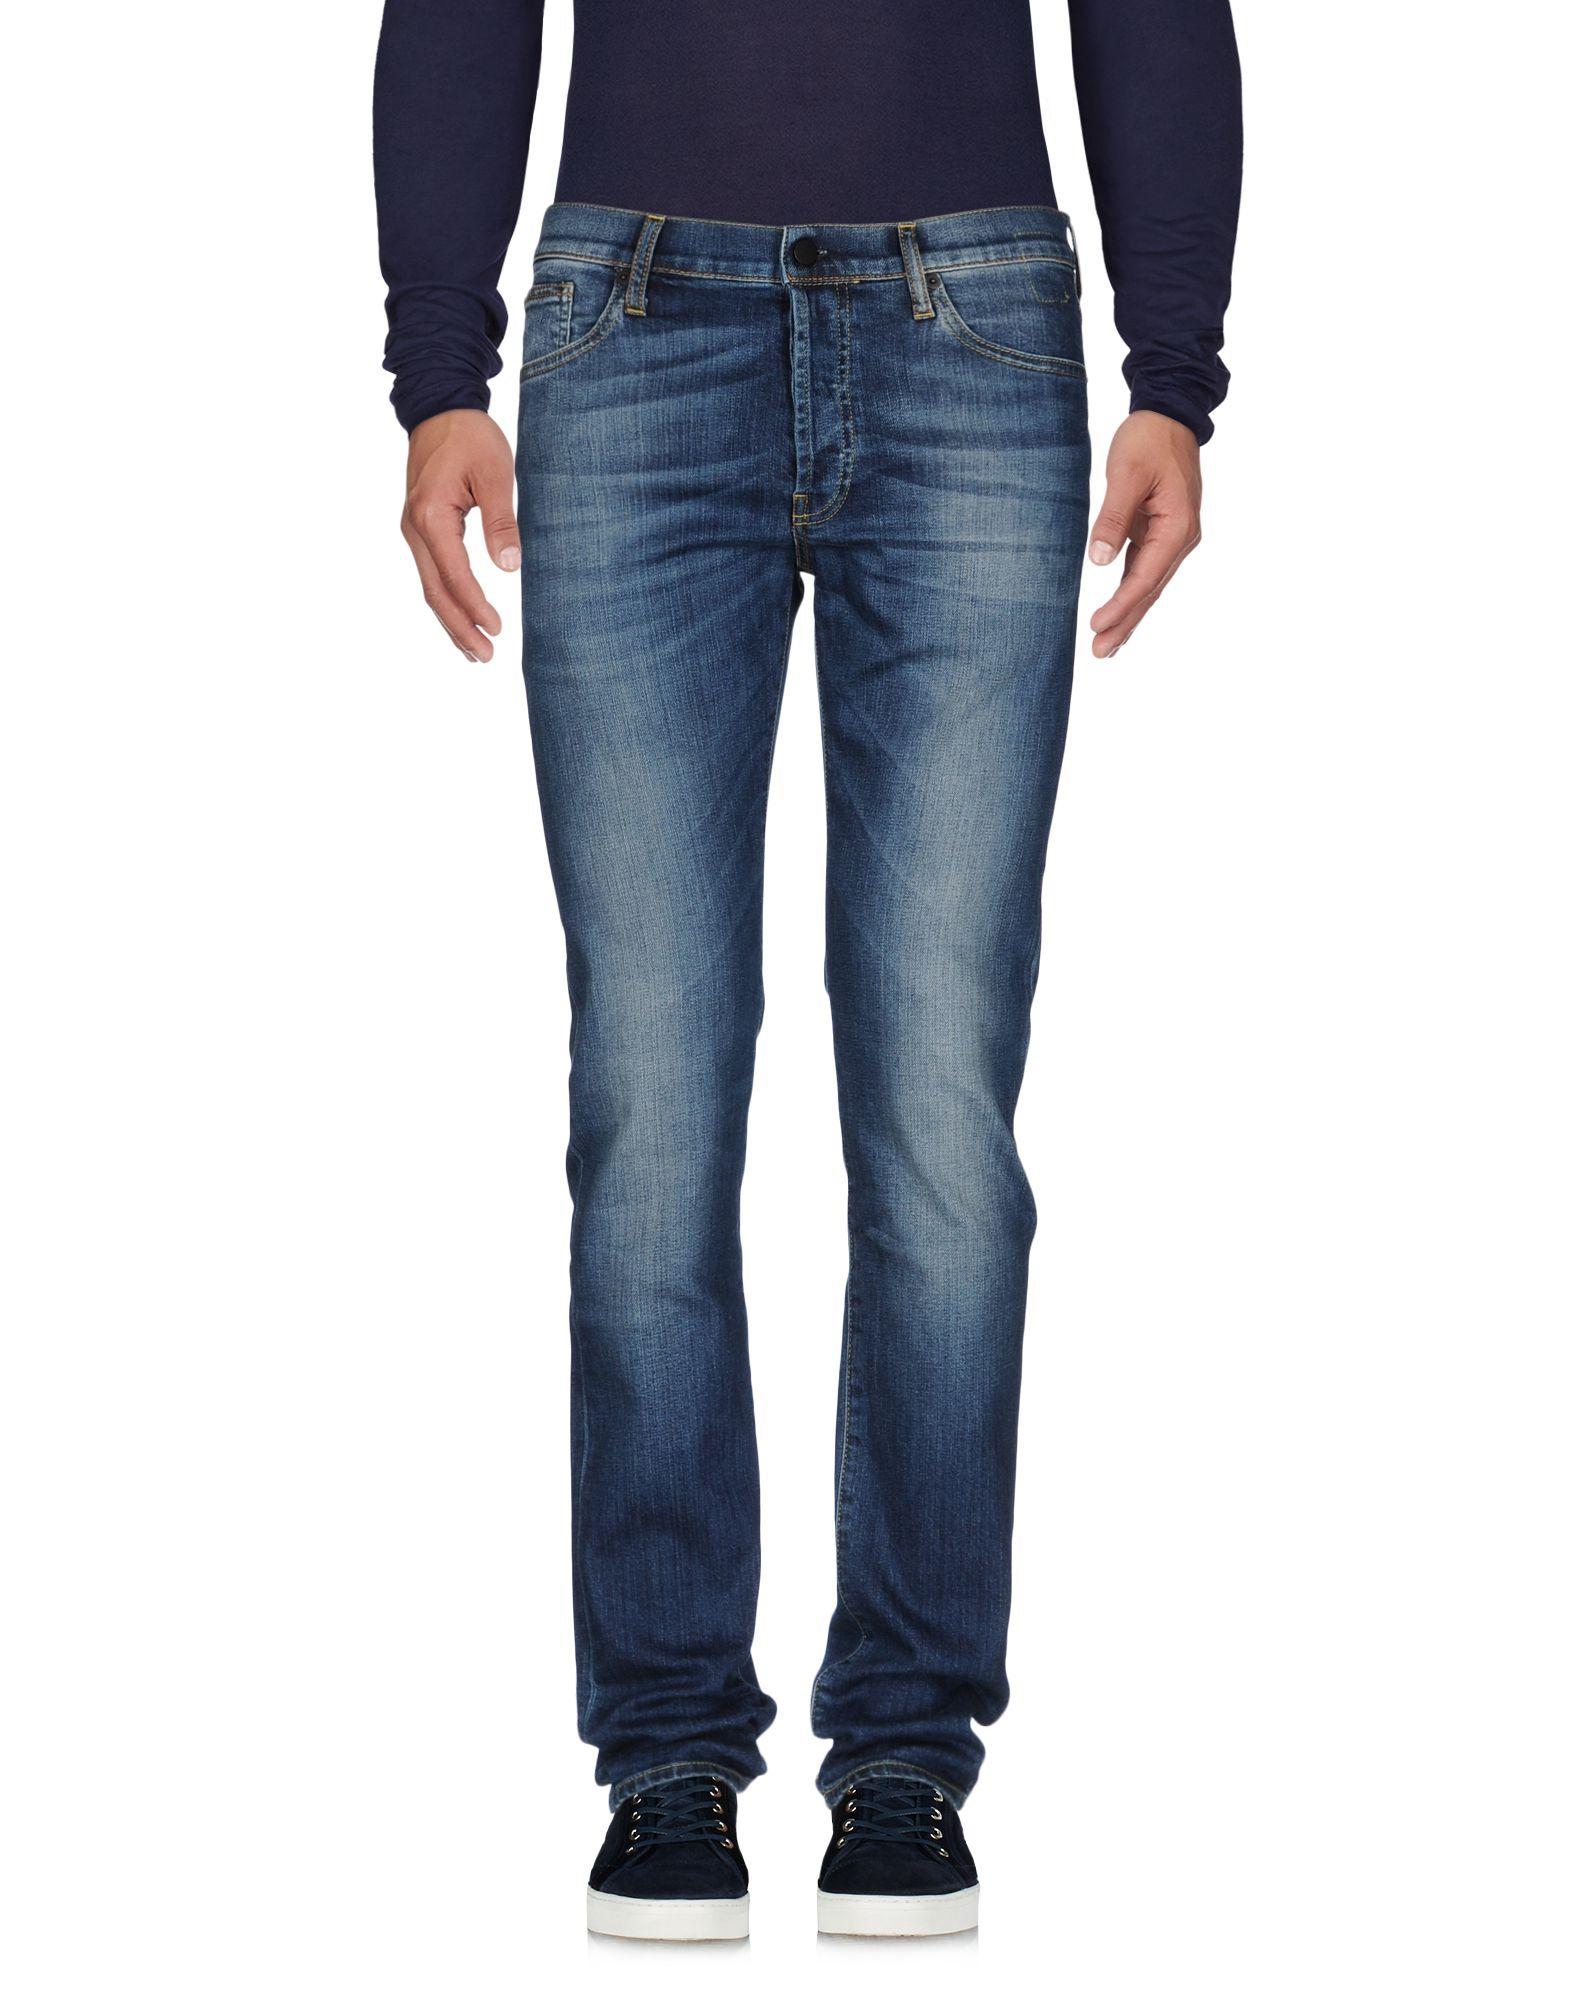 Pantaloni Jeans Htc uomo - 42602130FO